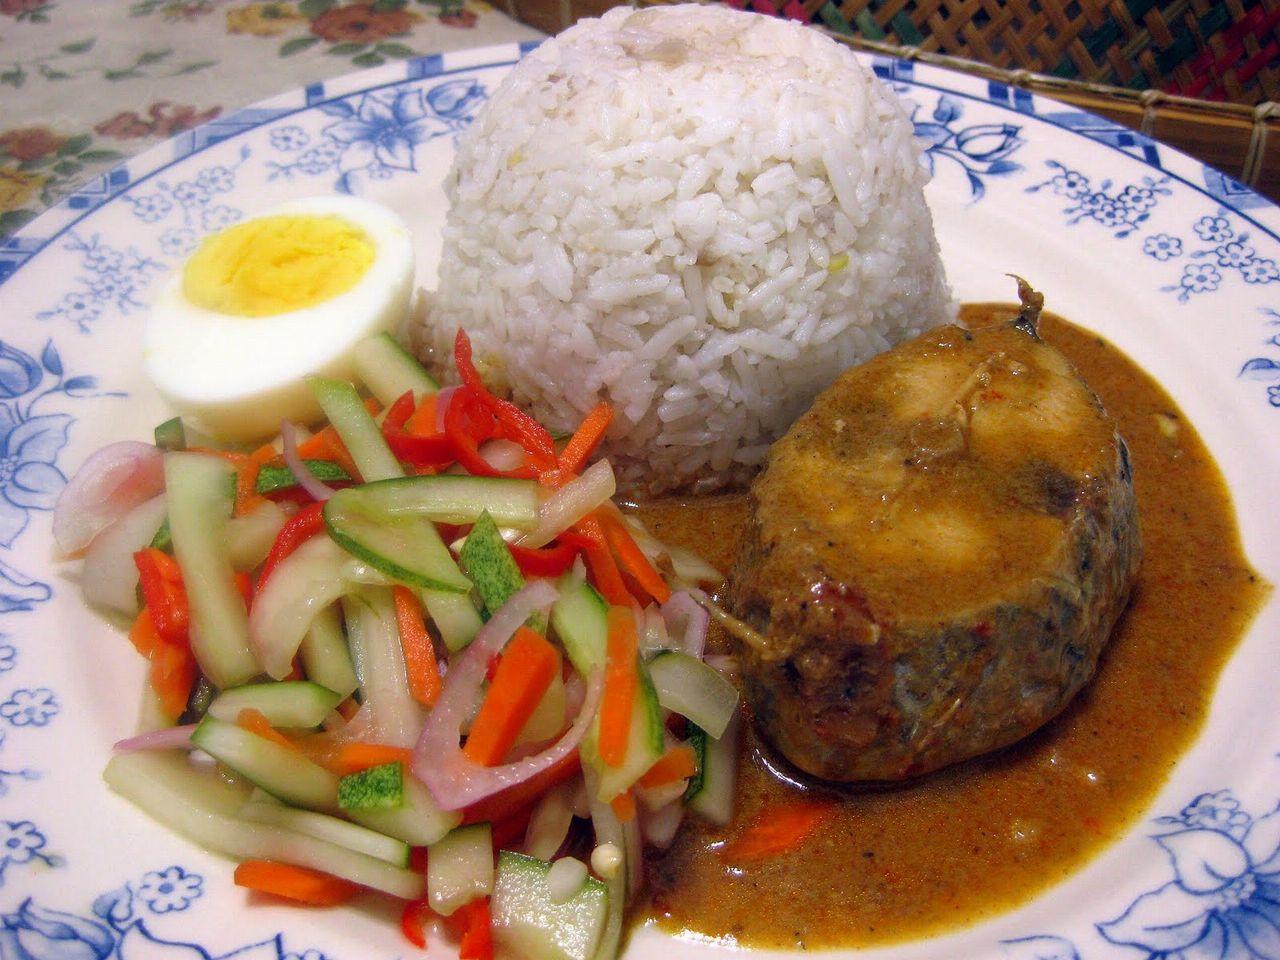 Resepi Nasi Dagang Asli Terengganu Dengan Gulai Ikan Tongkol